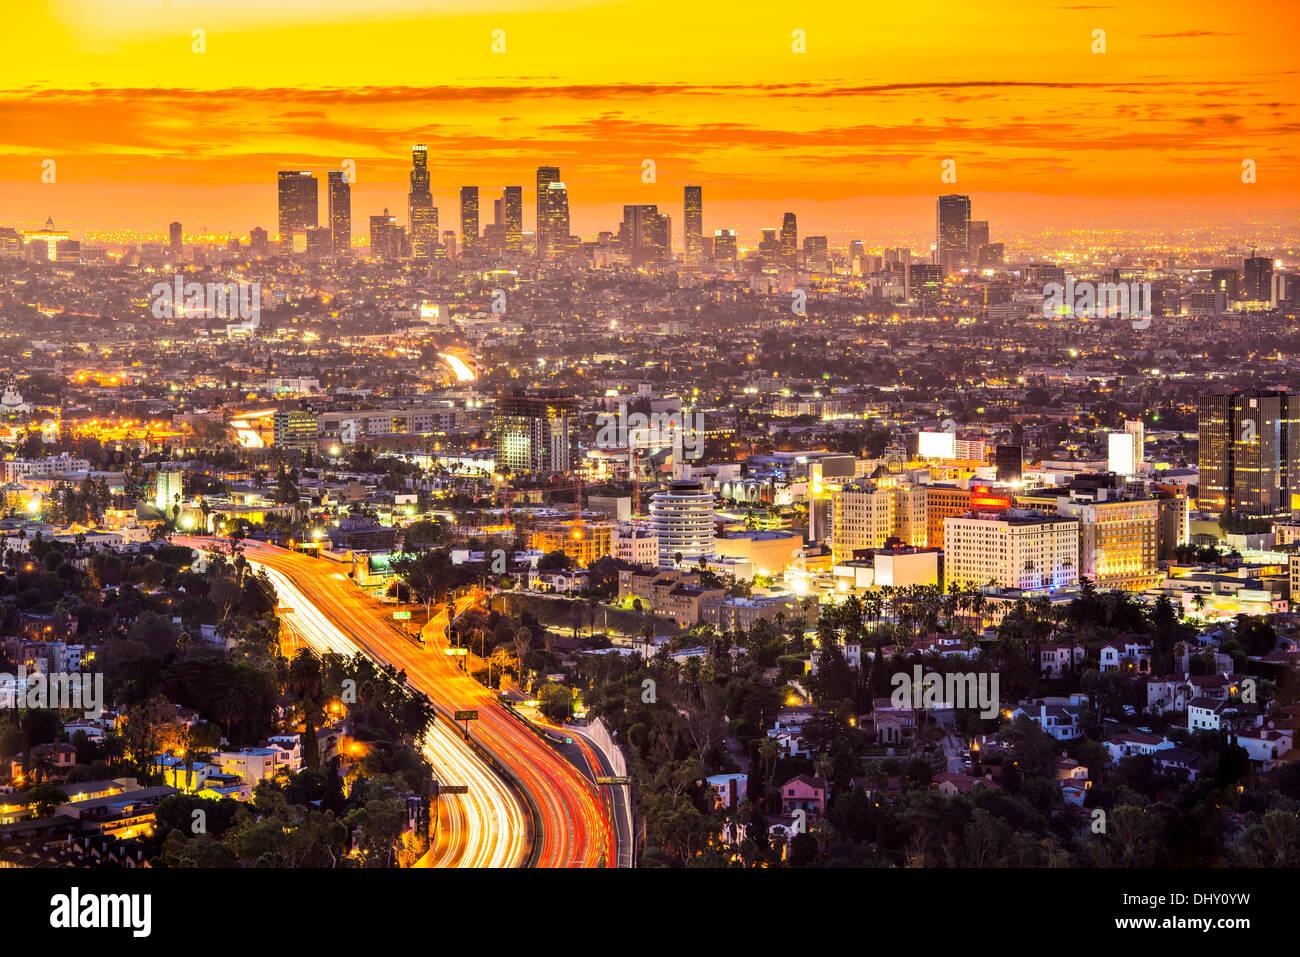 Die Innenstadt von Los Angeles, Kalifornien, USA-Skyline im Morgengrauen. Stockbild